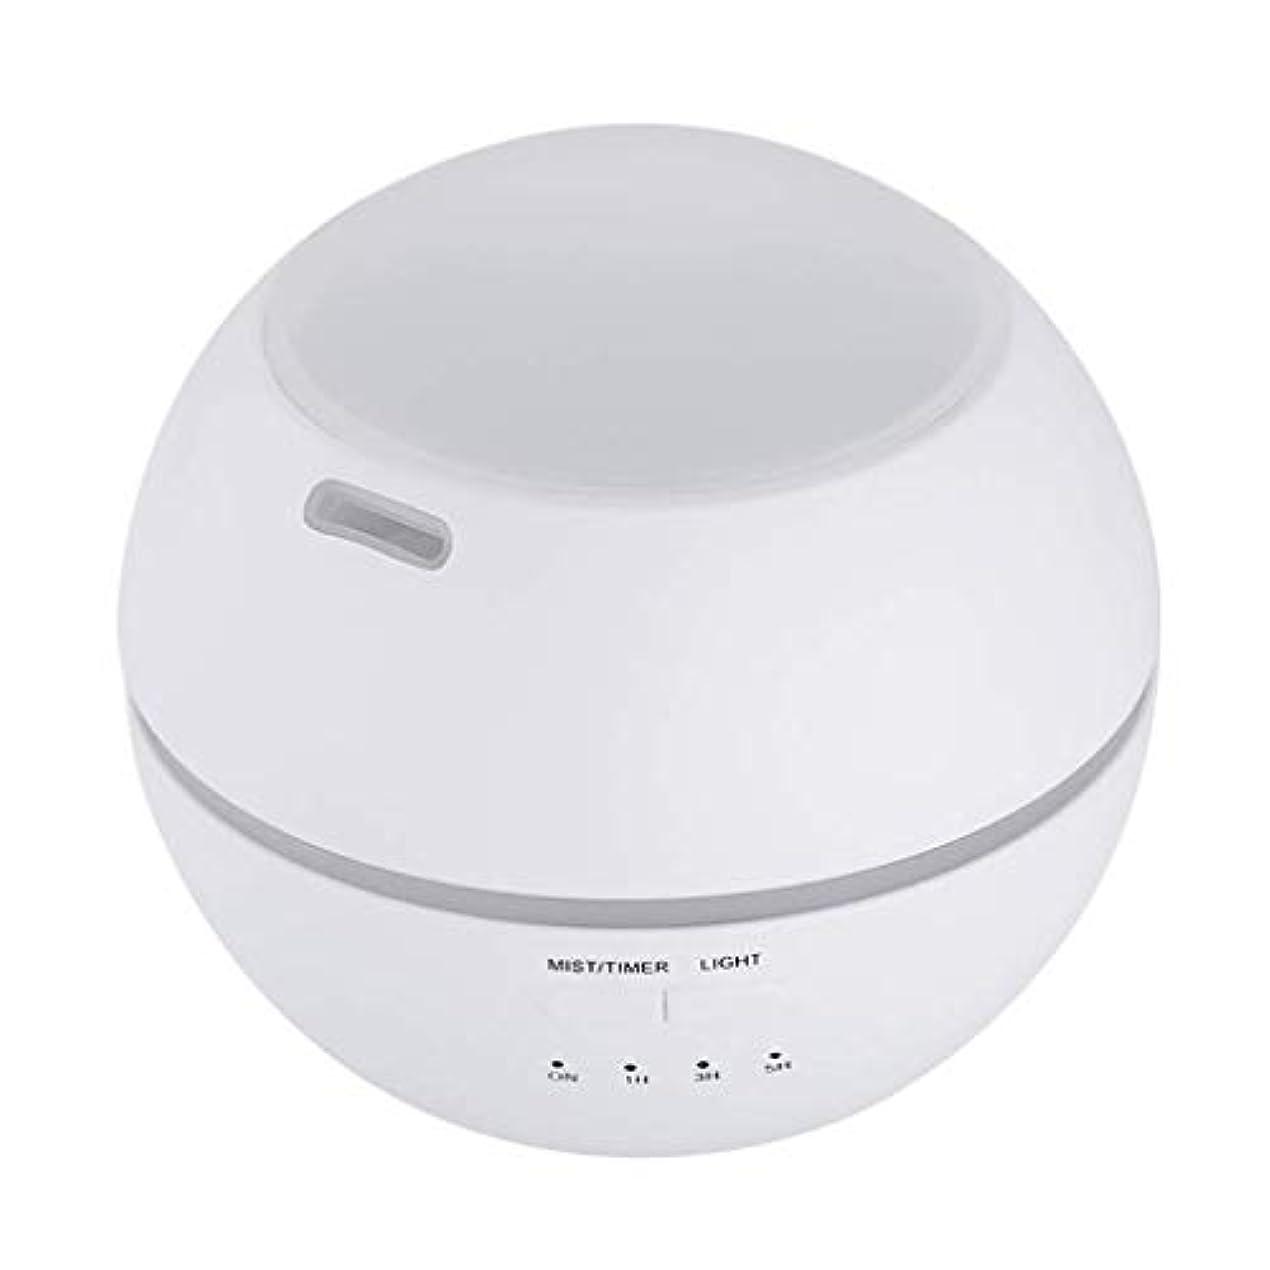 ロボット貪欲対加湿器、ポータブルアロマテラピーランプ、エッセンシャルオイルディフューザー加湿器、LEDランプの色を変える、空気清浄アロマテラピーマシン、サイレント家庭用 (Color : 白)